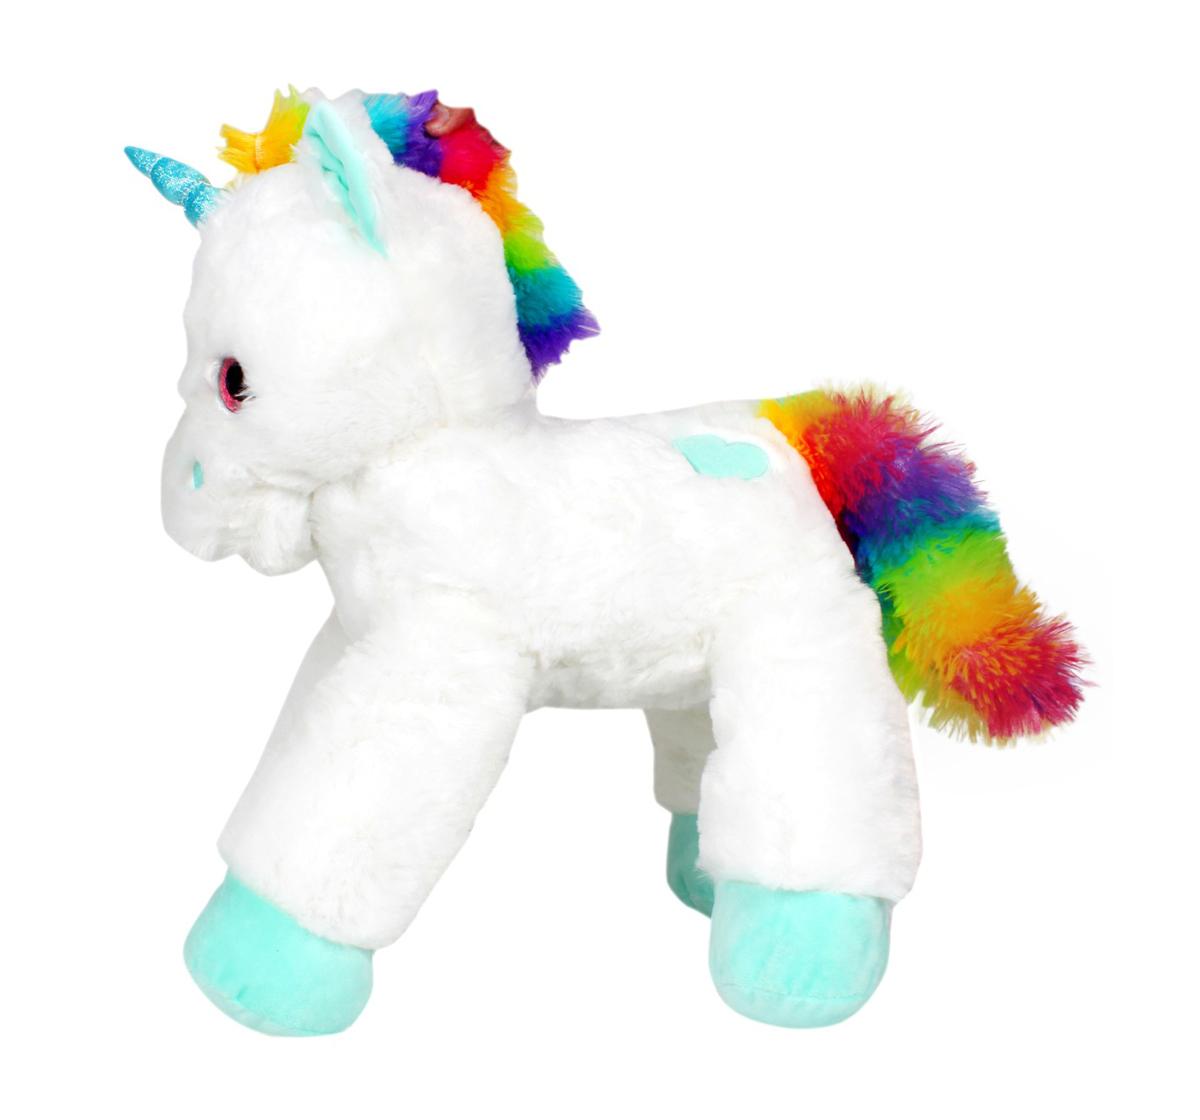 Fuzzbuzz | Fuzzbuzz Lying Unicorn Plush - White - 53Cm Quirky Soft Toys for Kids age 0M+ - 28 Cm (White)